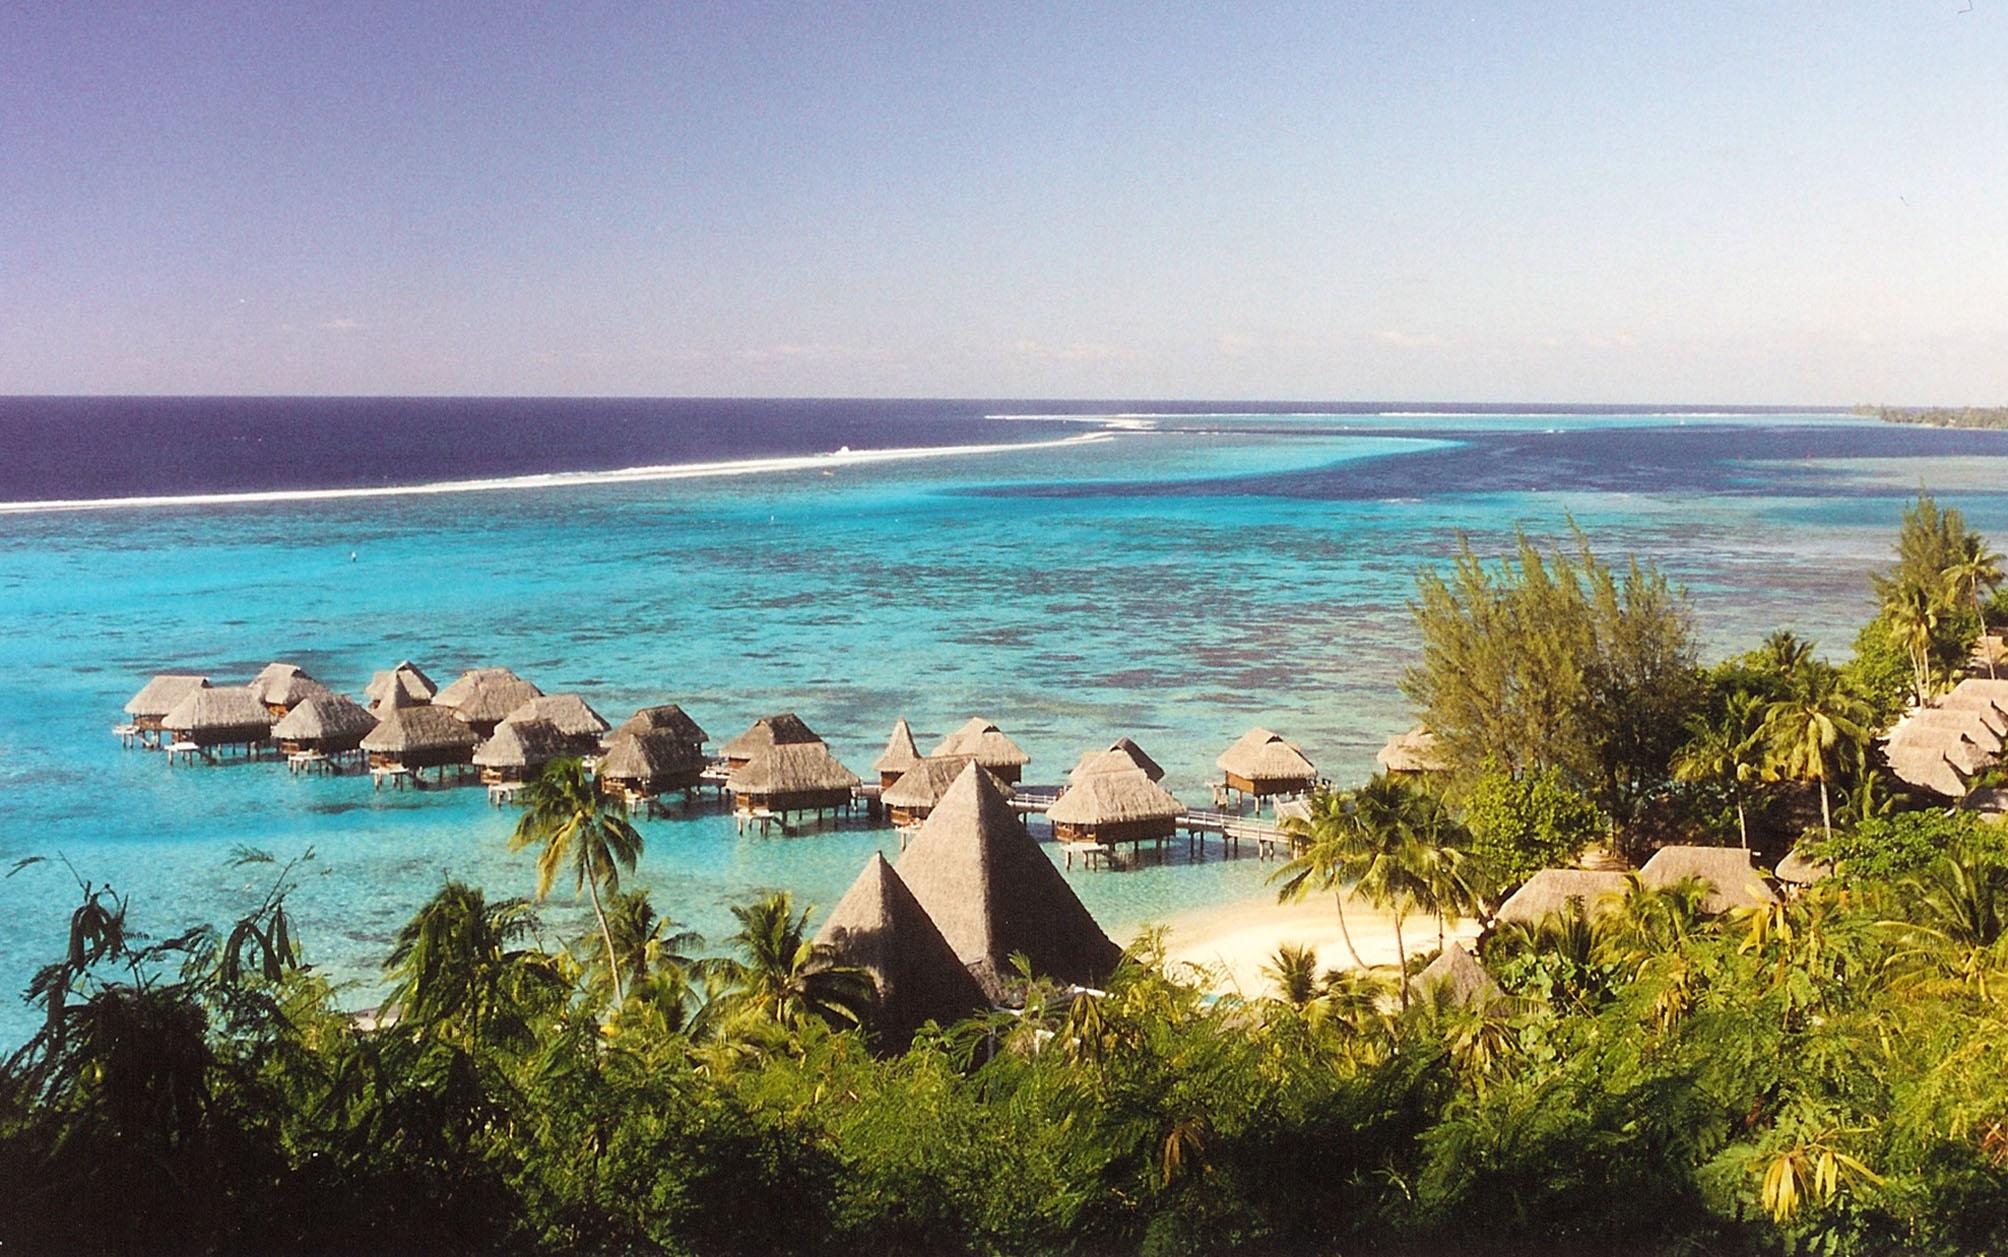 Hôtel pour notre voyage de noces en Polynésie Française